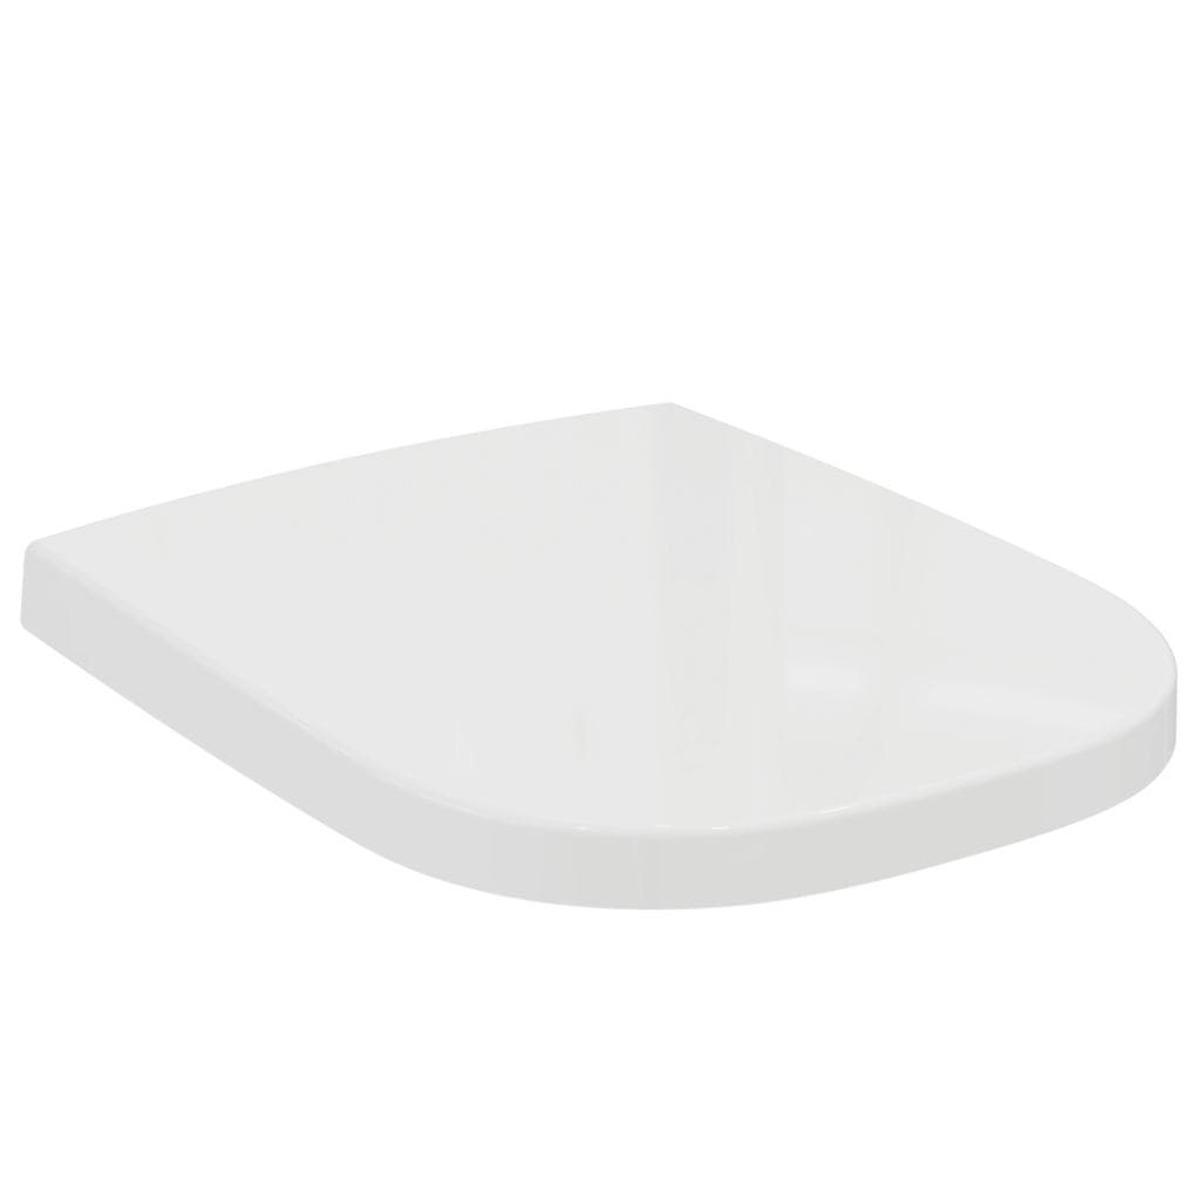 Wc doska Ideal Standard SoftMood z duroplastu v bielej farbe T639101